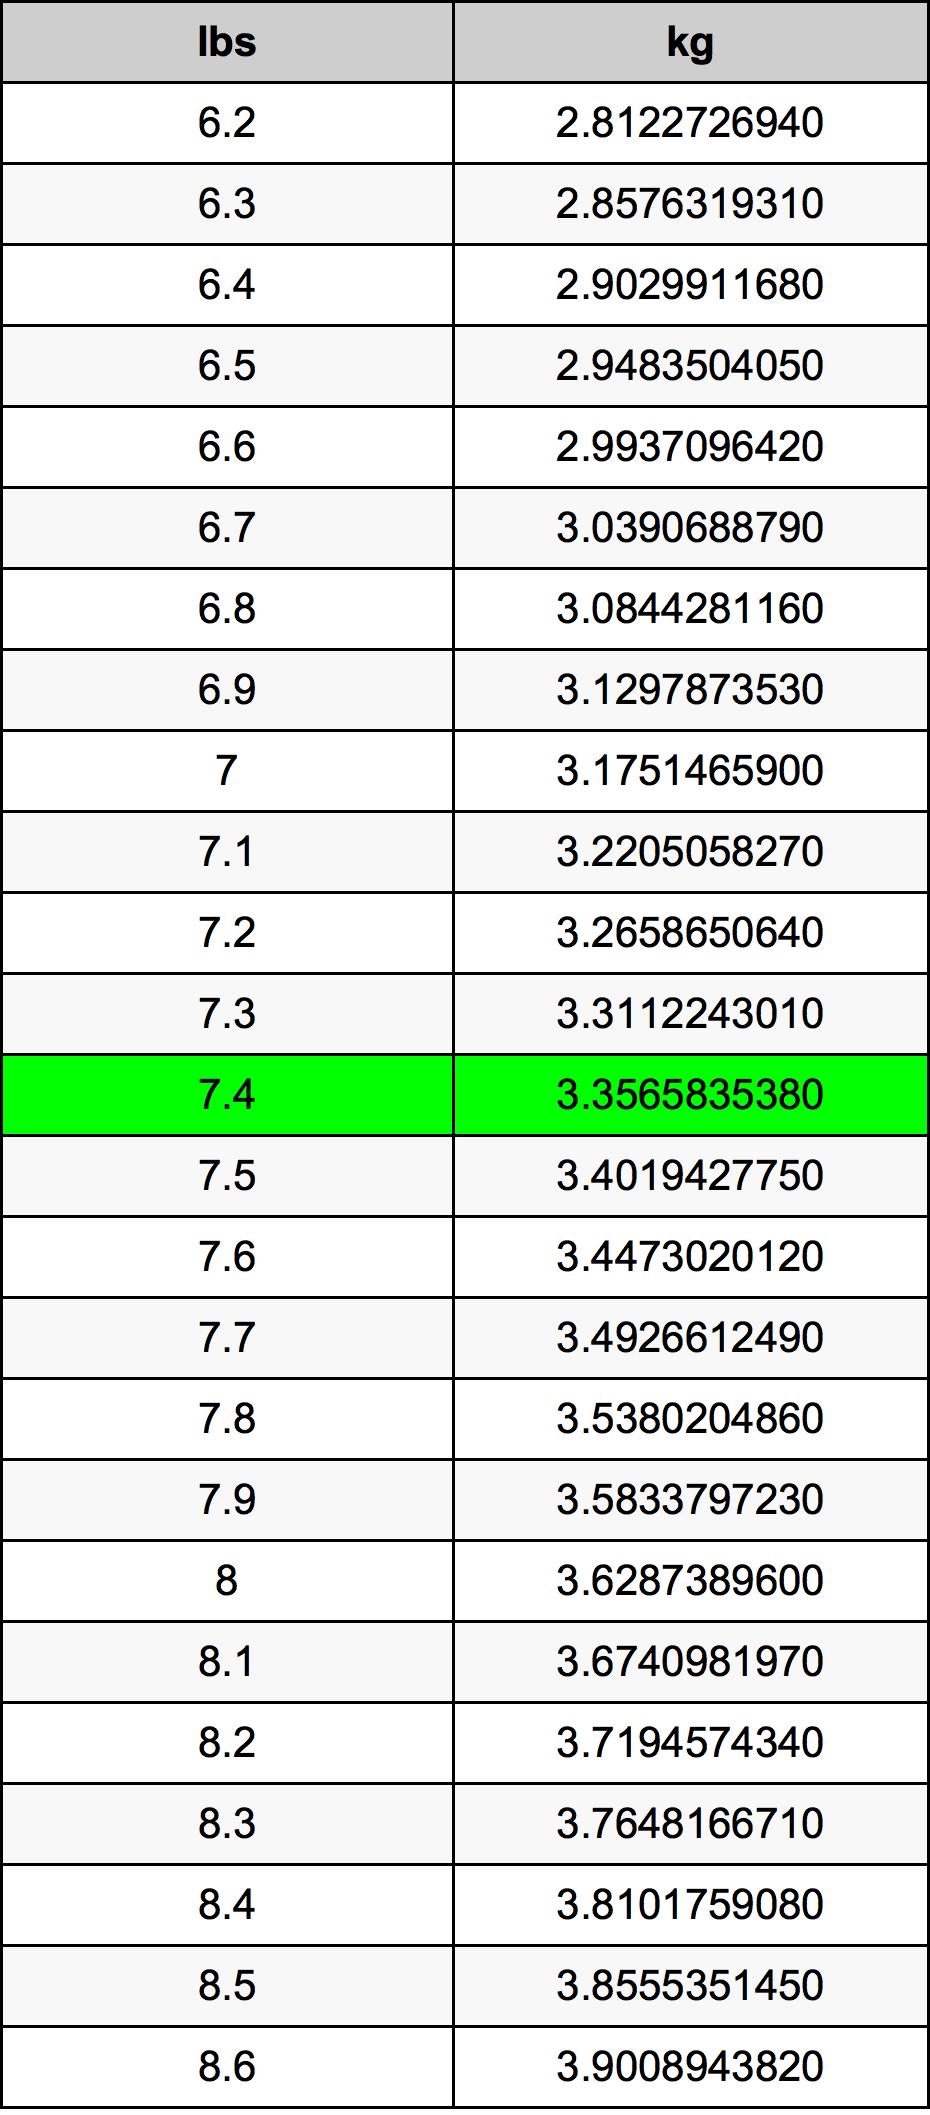 7.4 Libra převodní tabulka